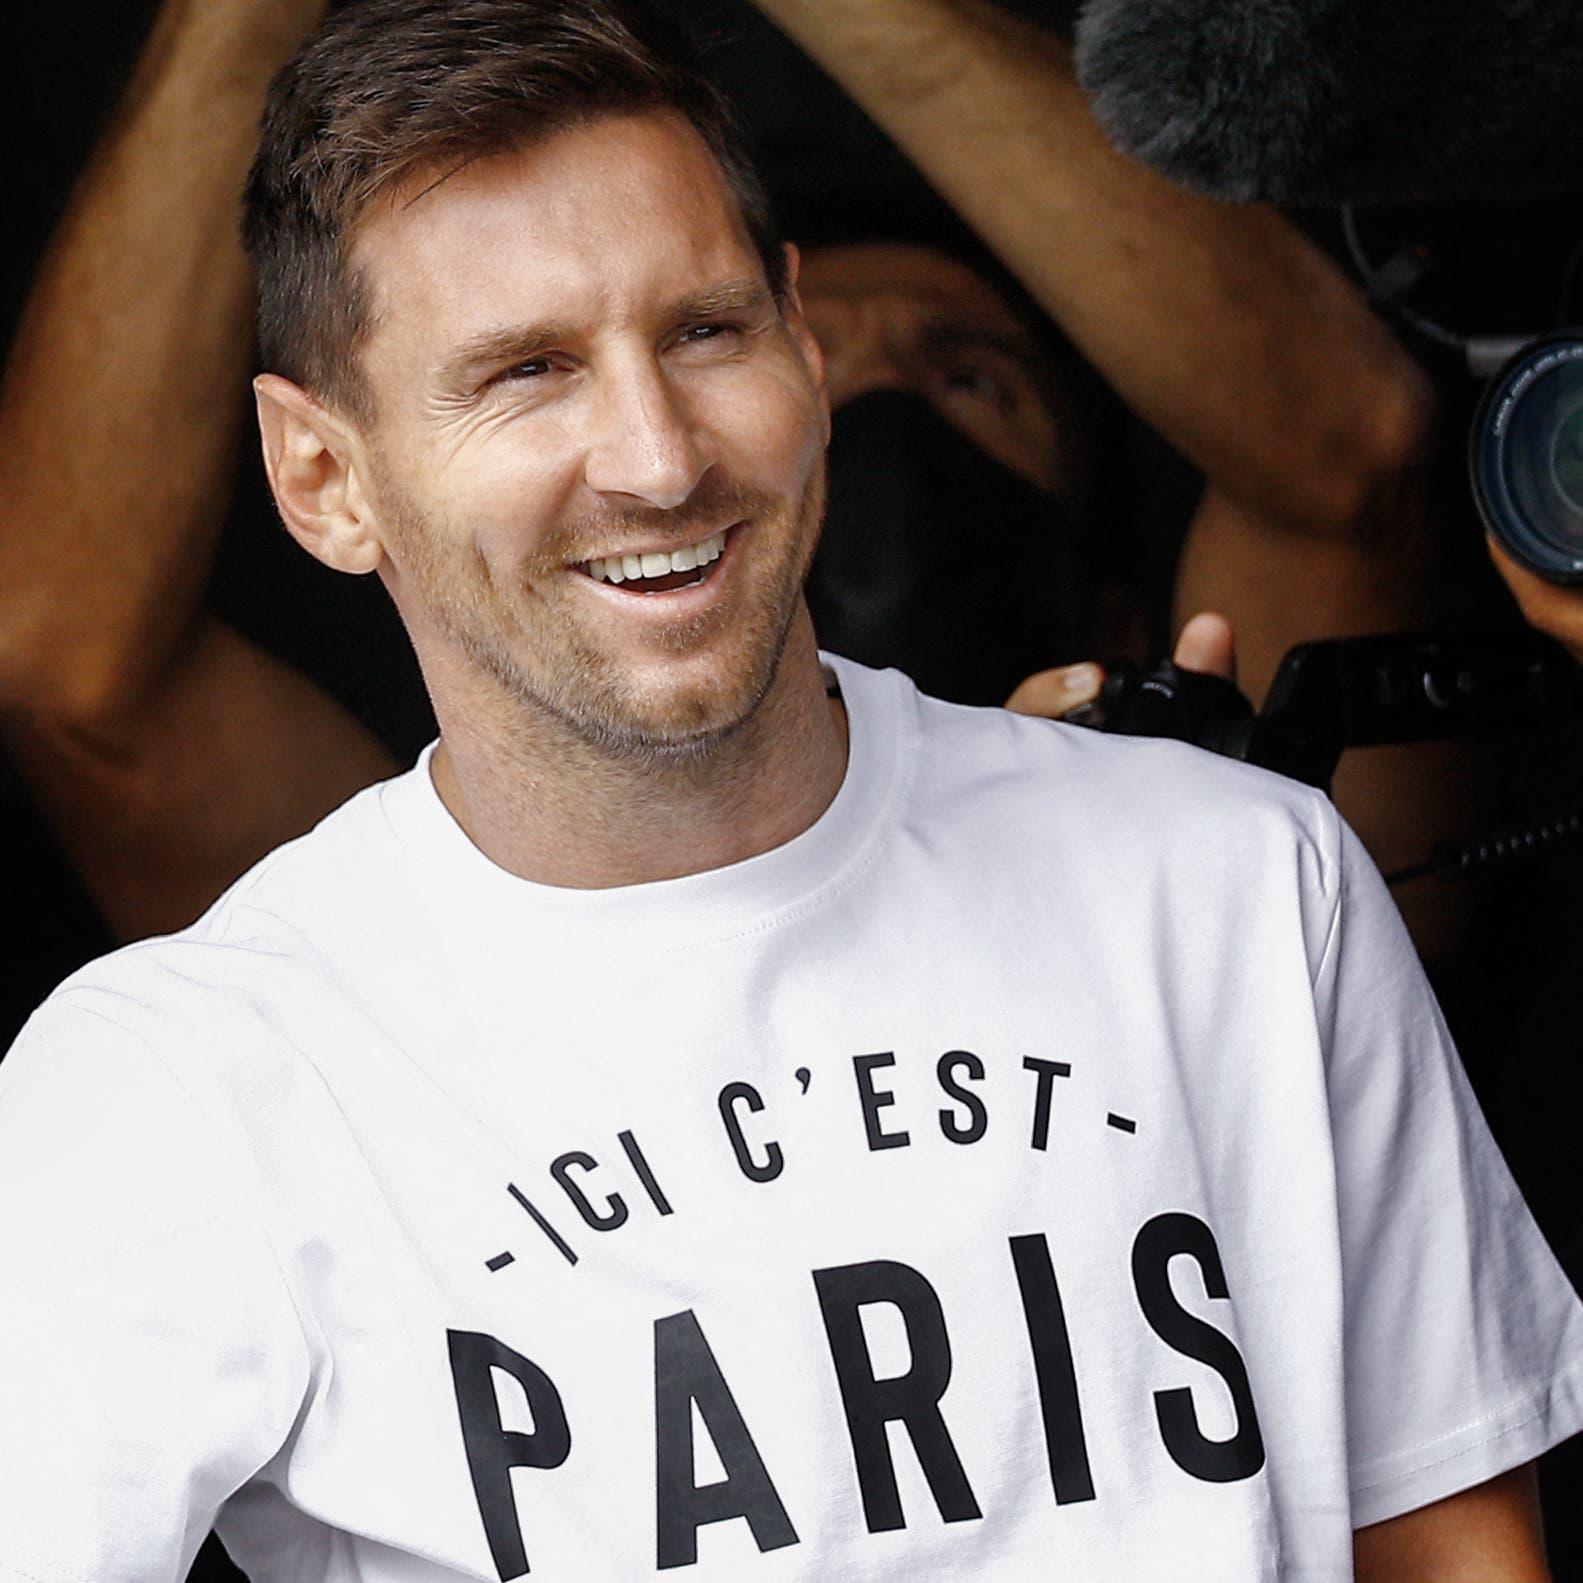 ميسي سيتقاضى جزءًا من راتبه في باريس سان جيرمان عملات مشفره